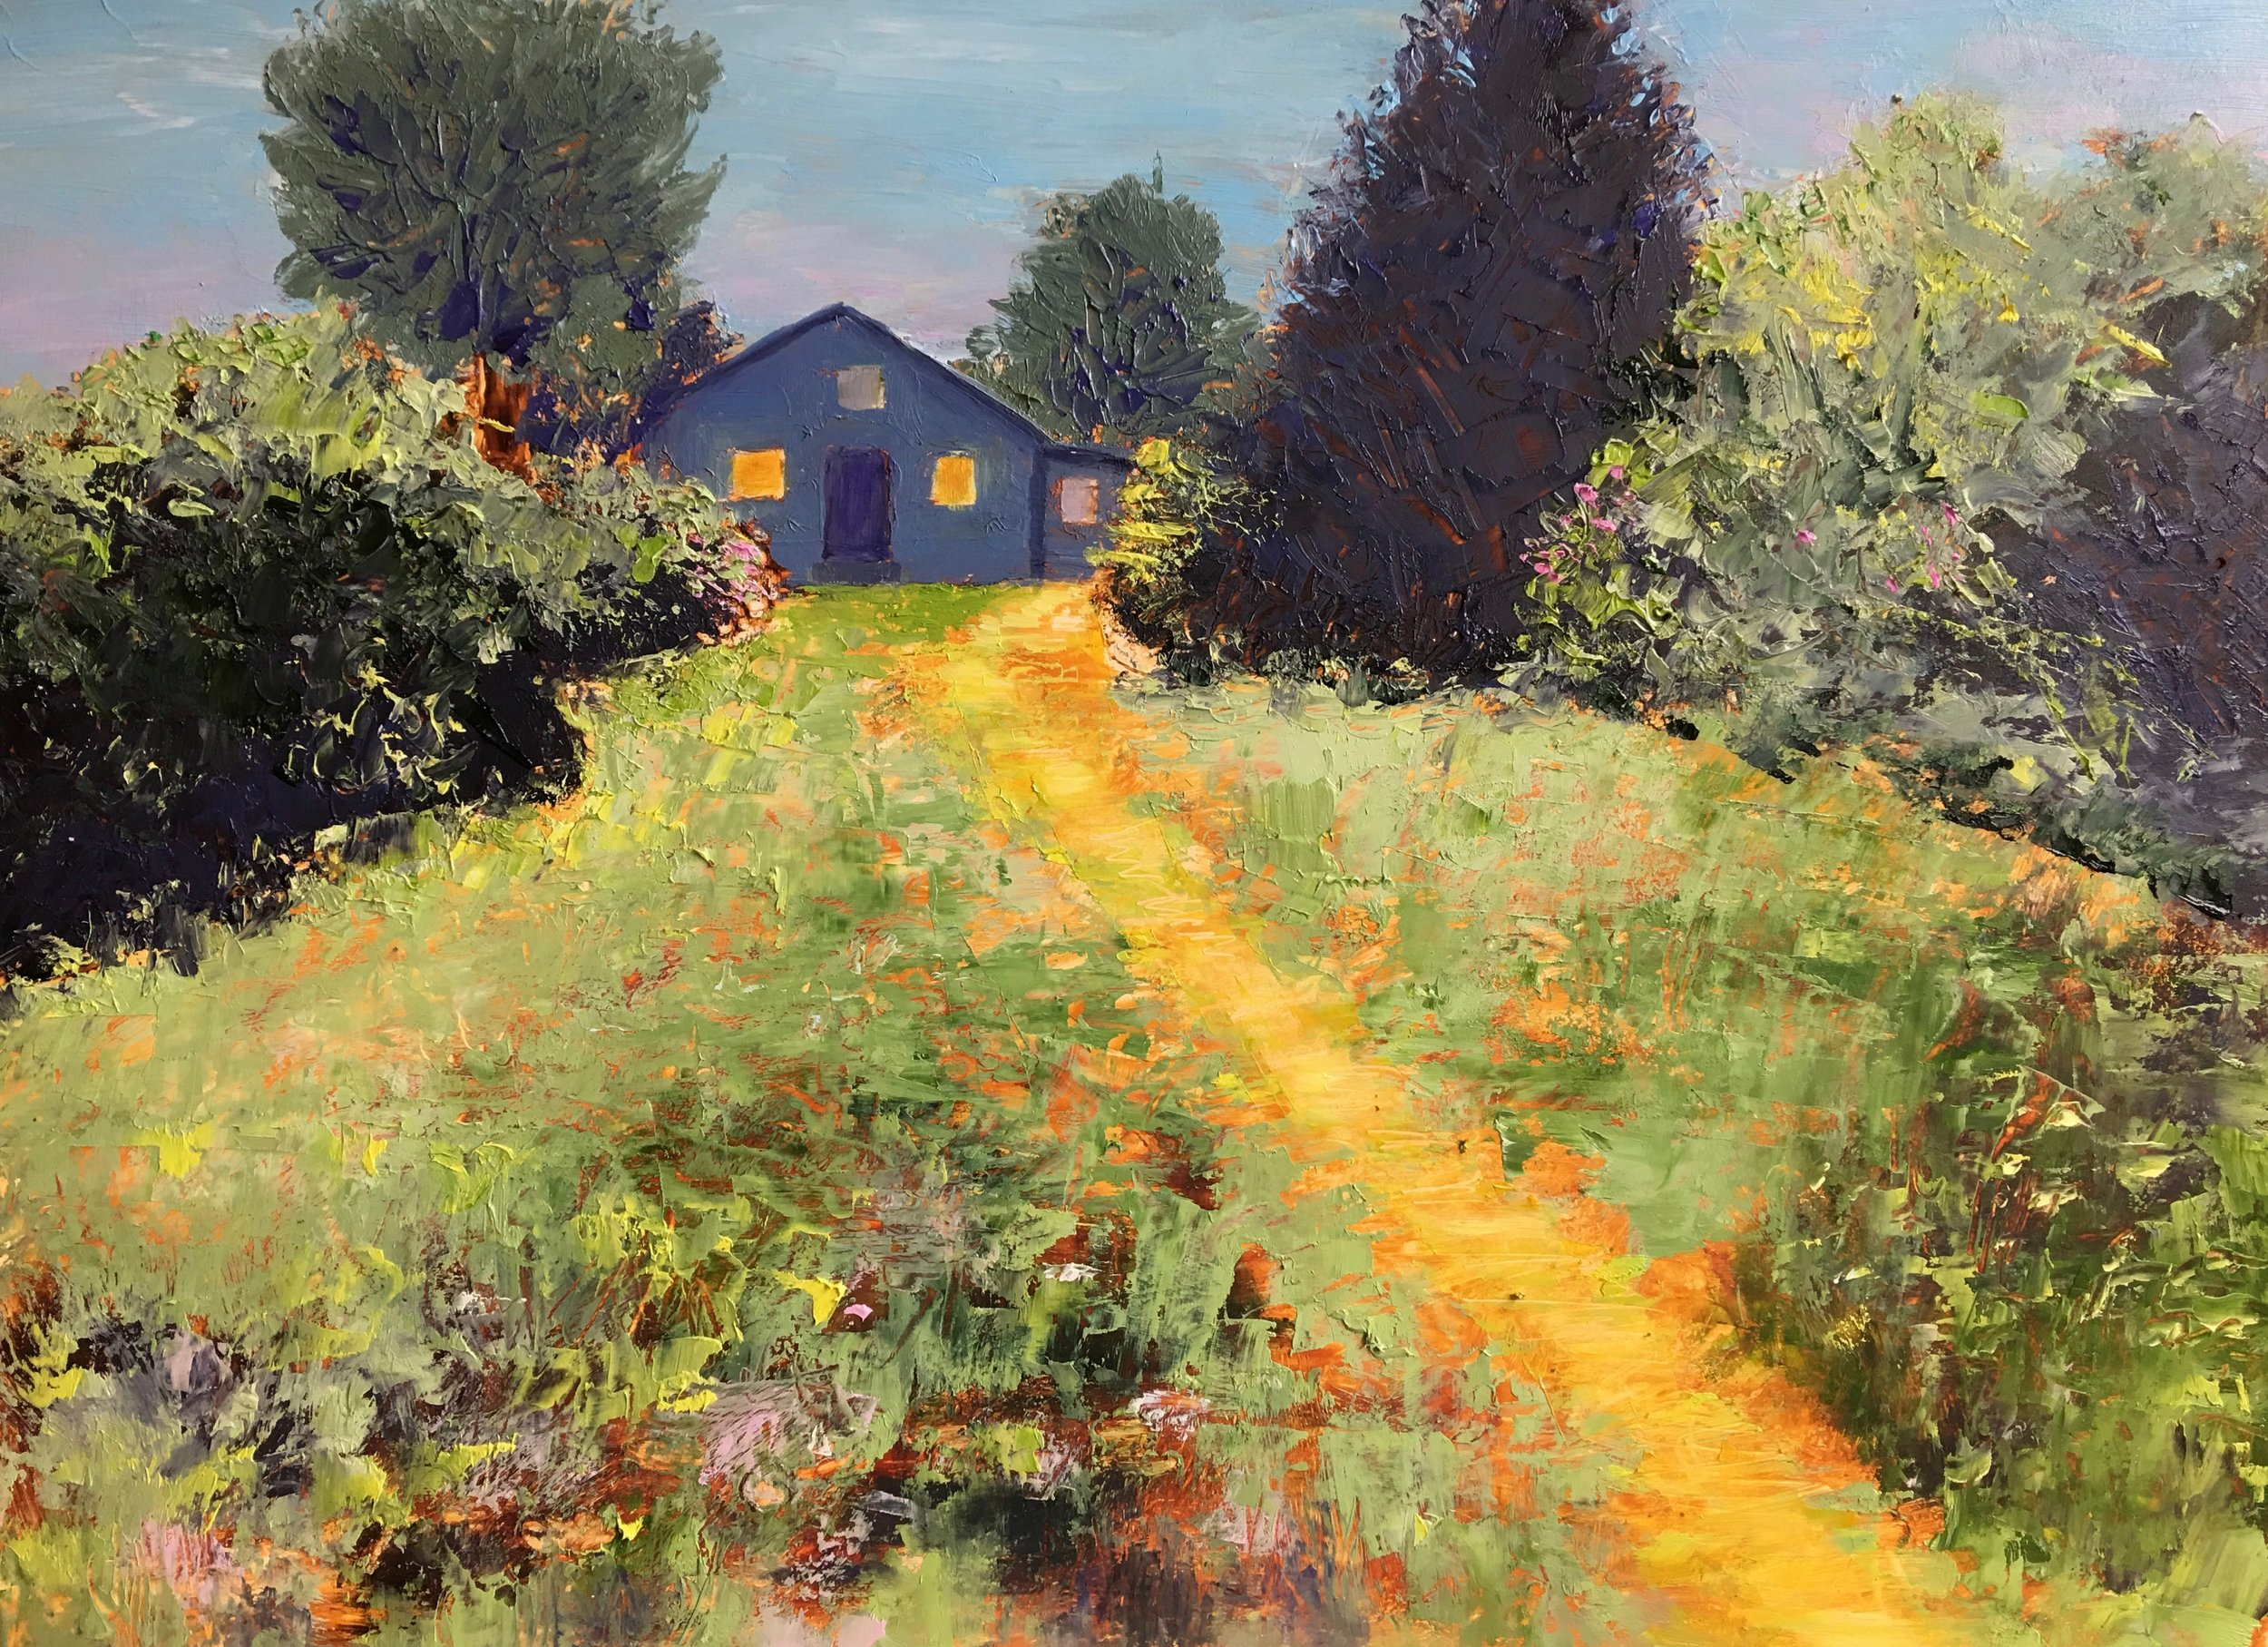 The Path Through the Grass